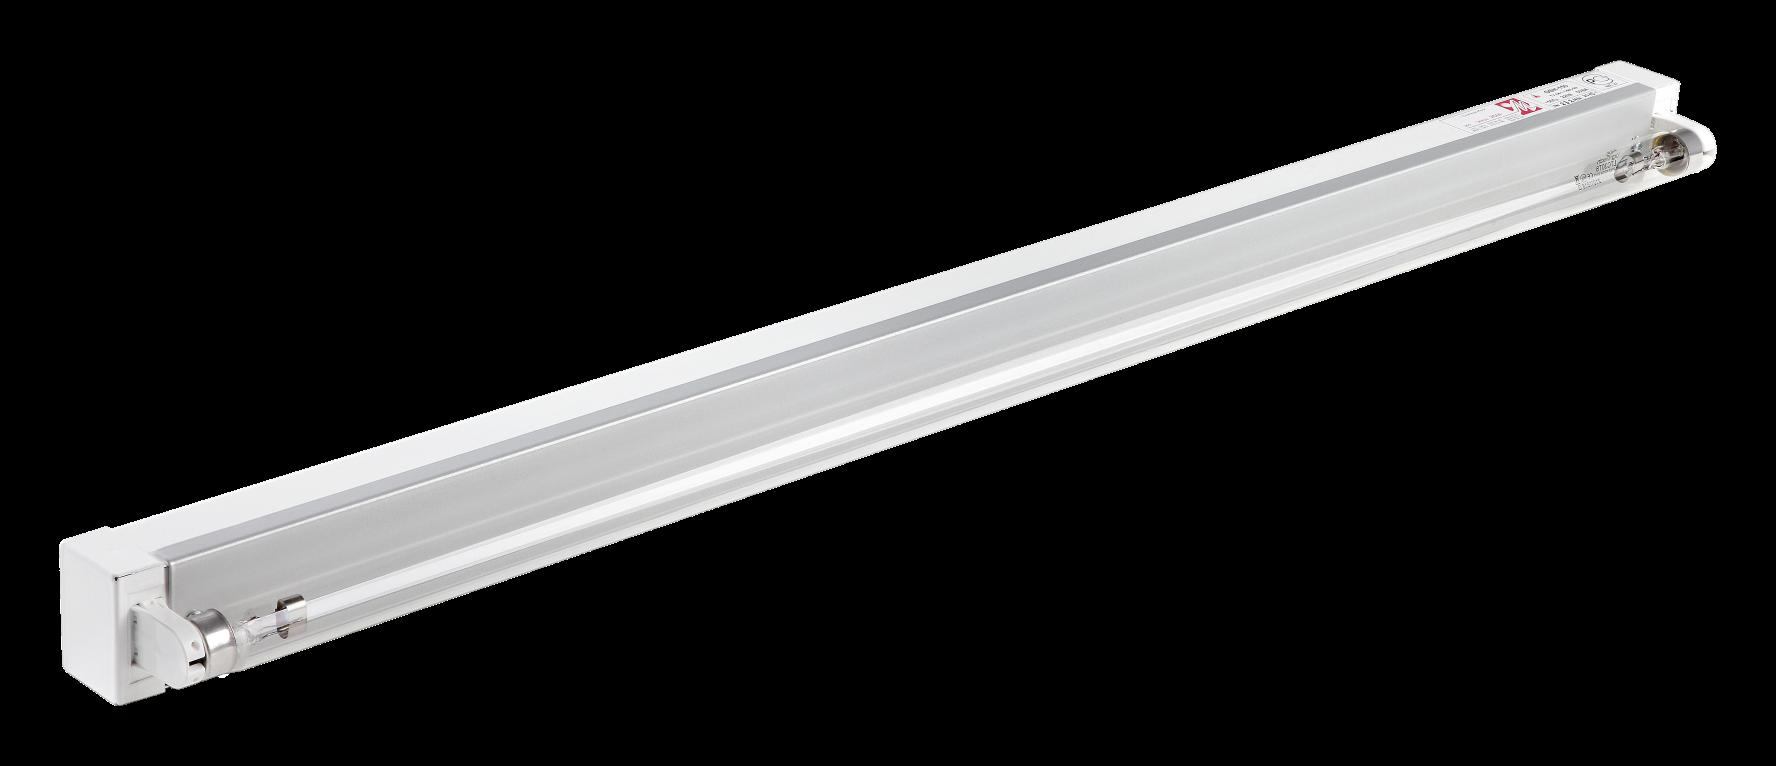 Бактерицидный настенный облучатель ОБН-150 открытый (одноламповый)